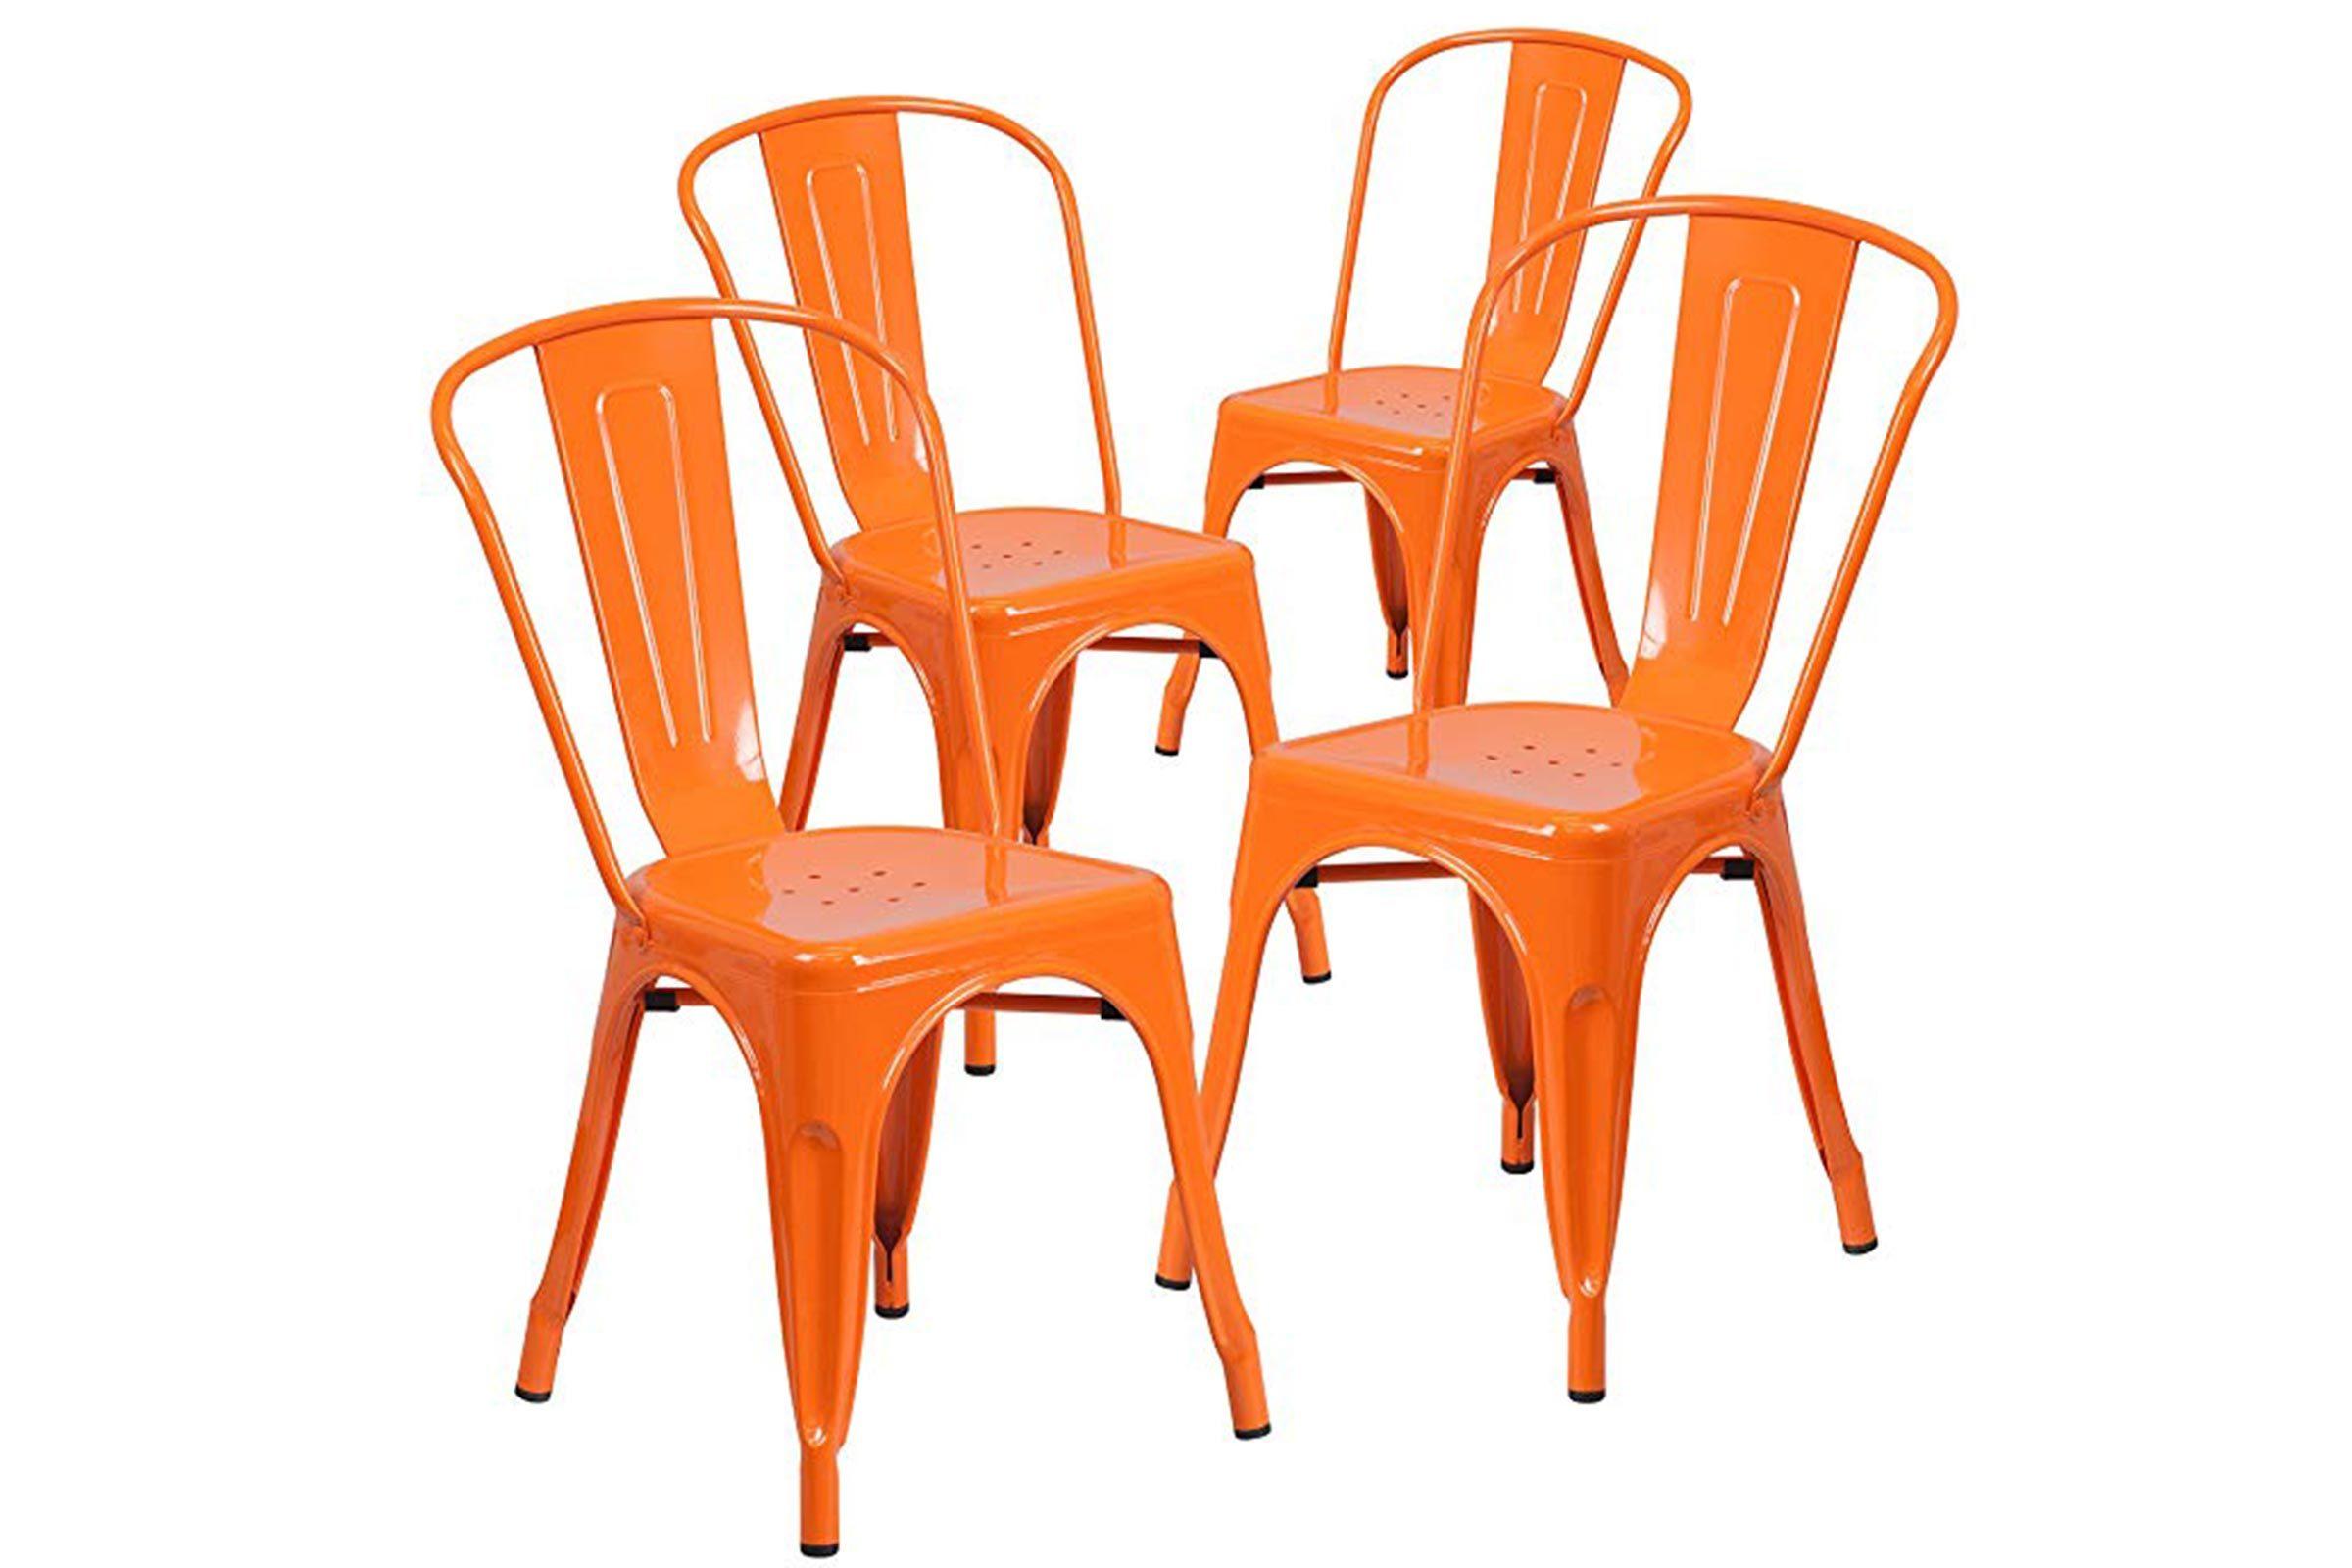 2_Patio-furniture